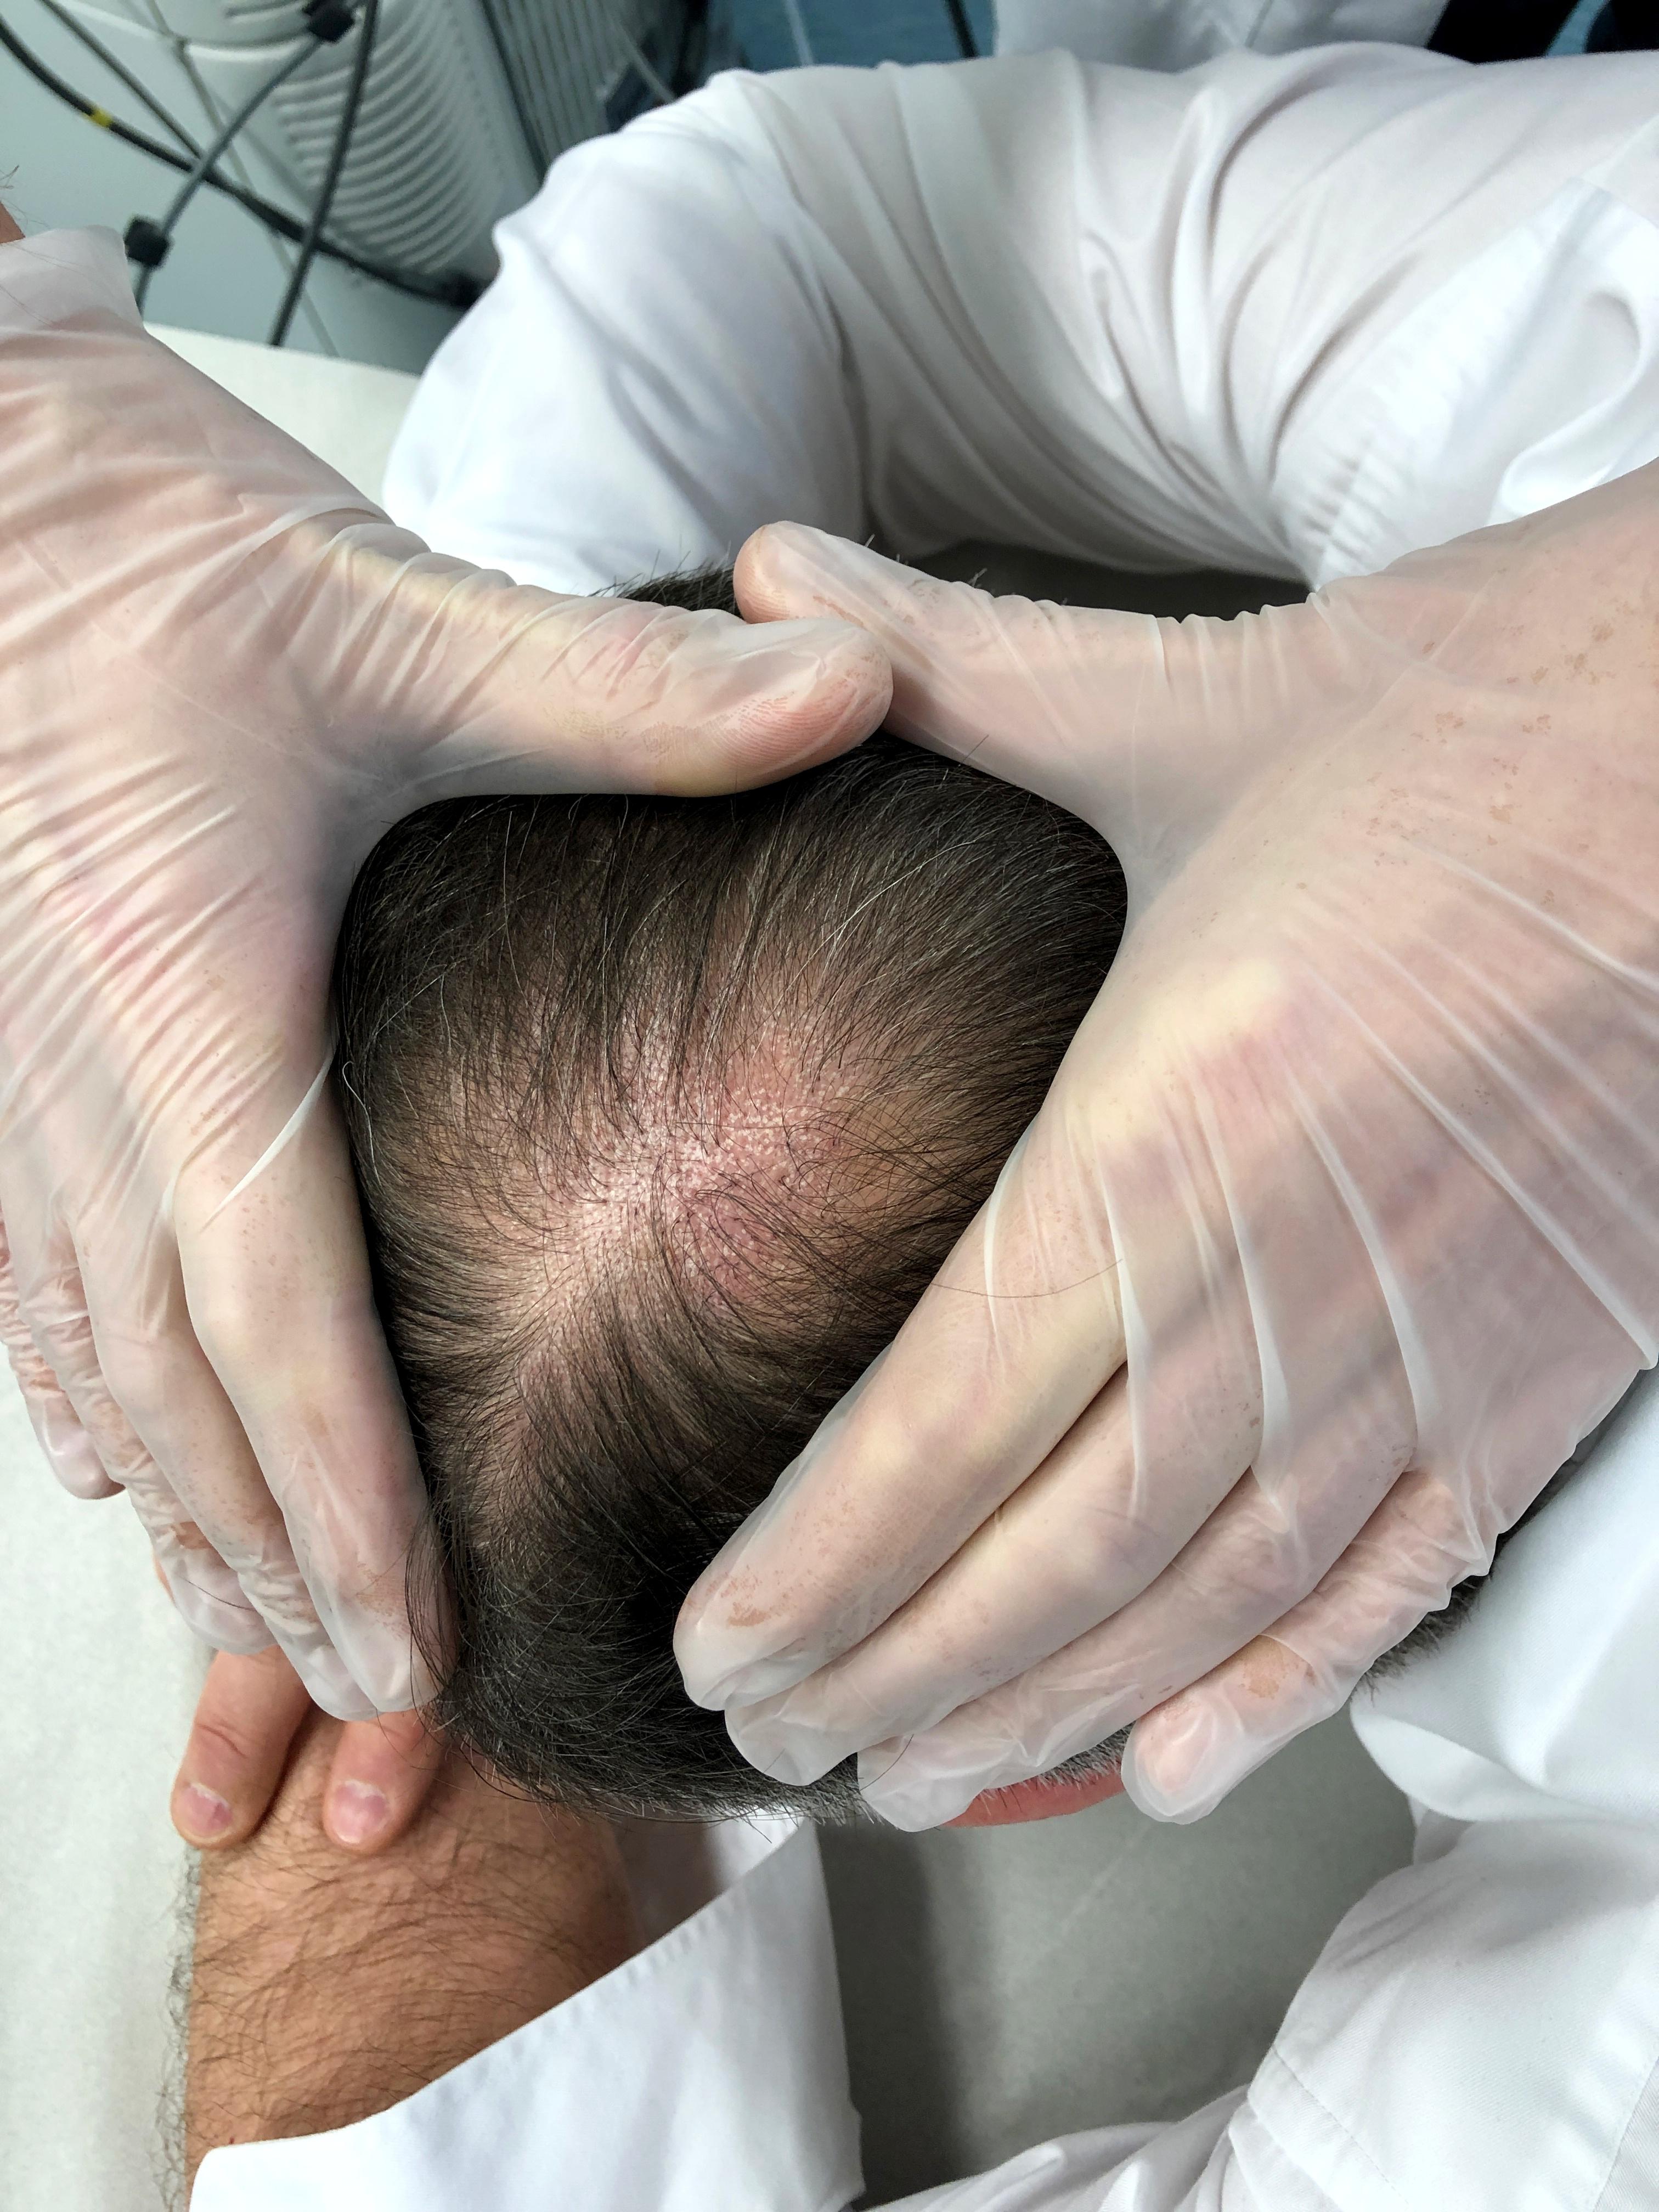 hairlase-miesten-kaljuuntuminen-hoidon-jalkeen